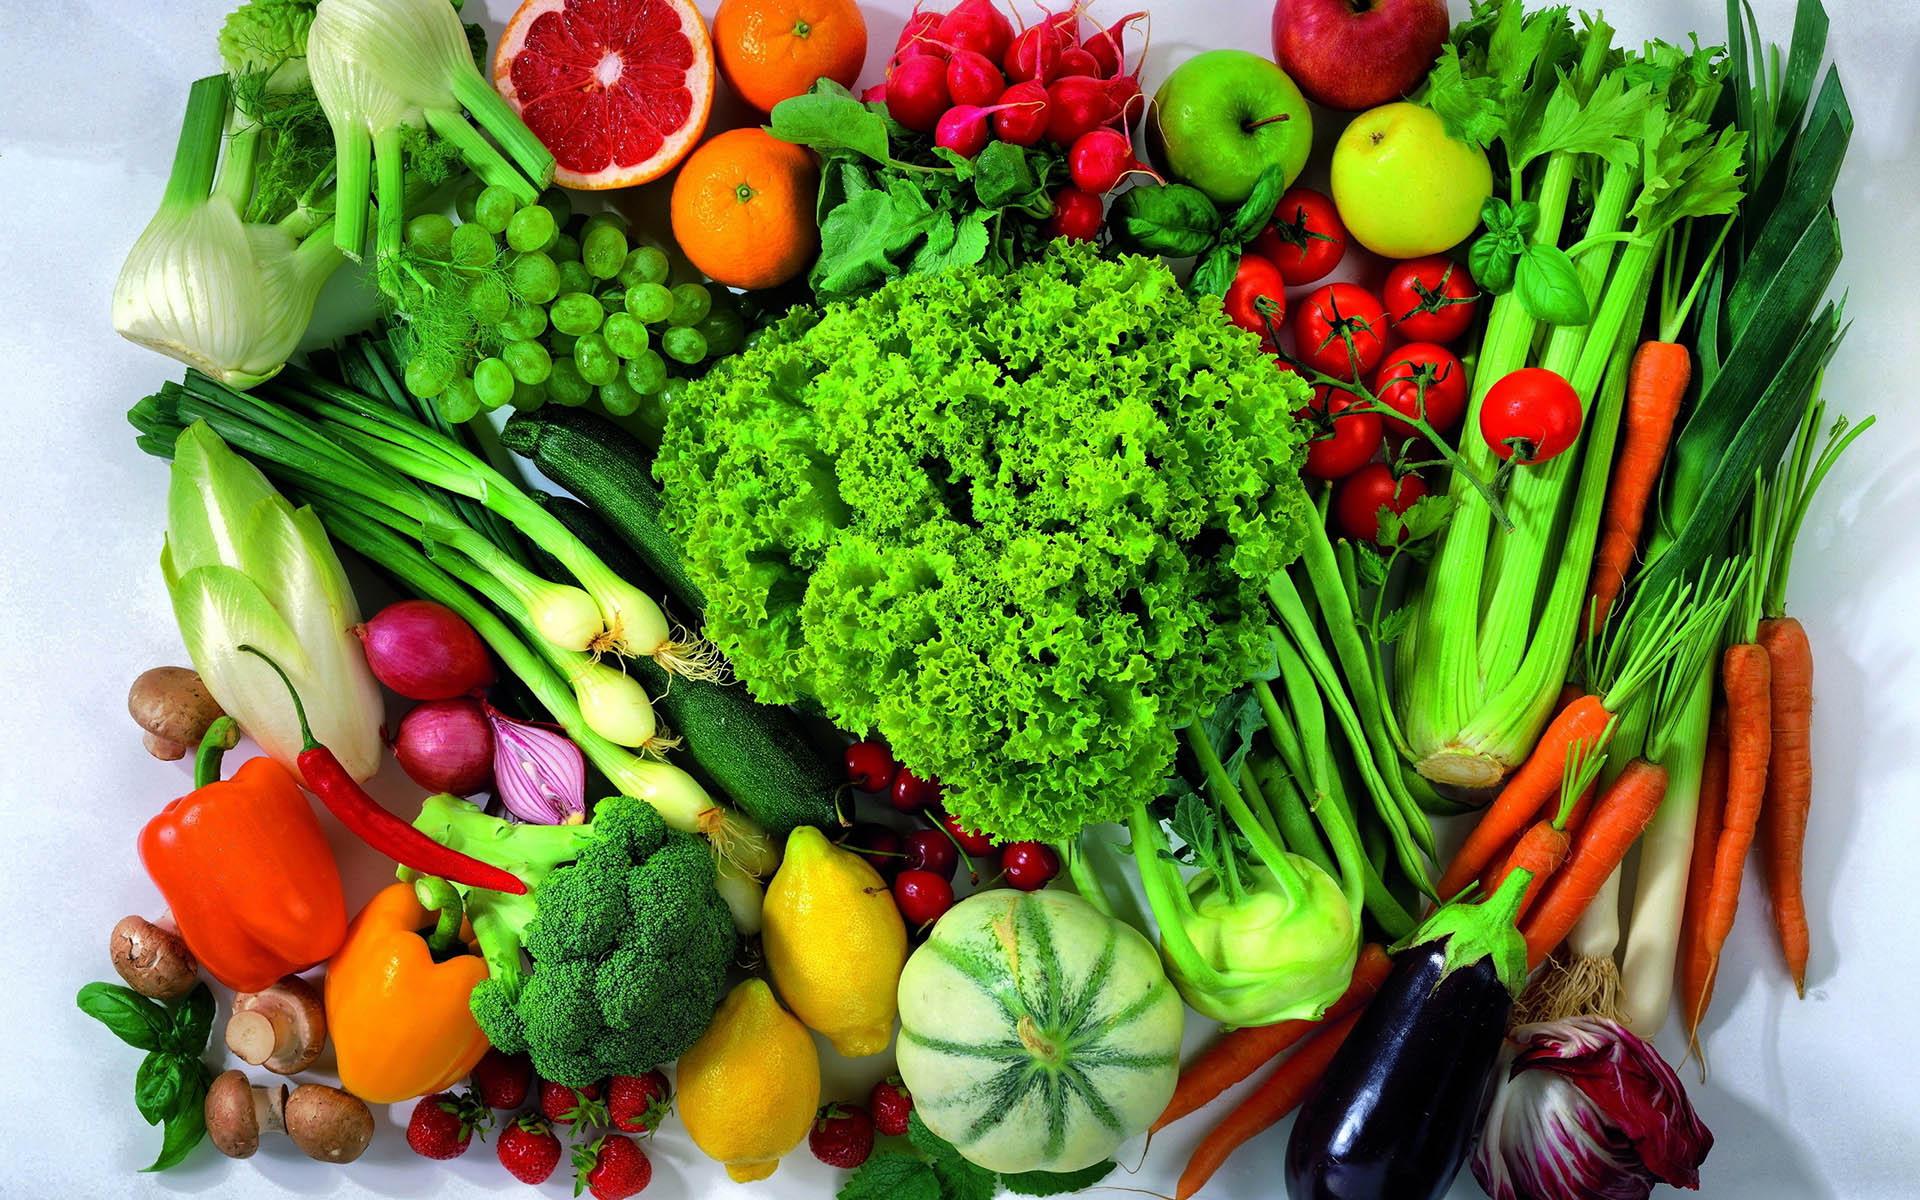 در مصرف این مواد غذایی احتیاط کنید/ این معجون شگفت انگیز نشاط را به زندگی شما می آورد